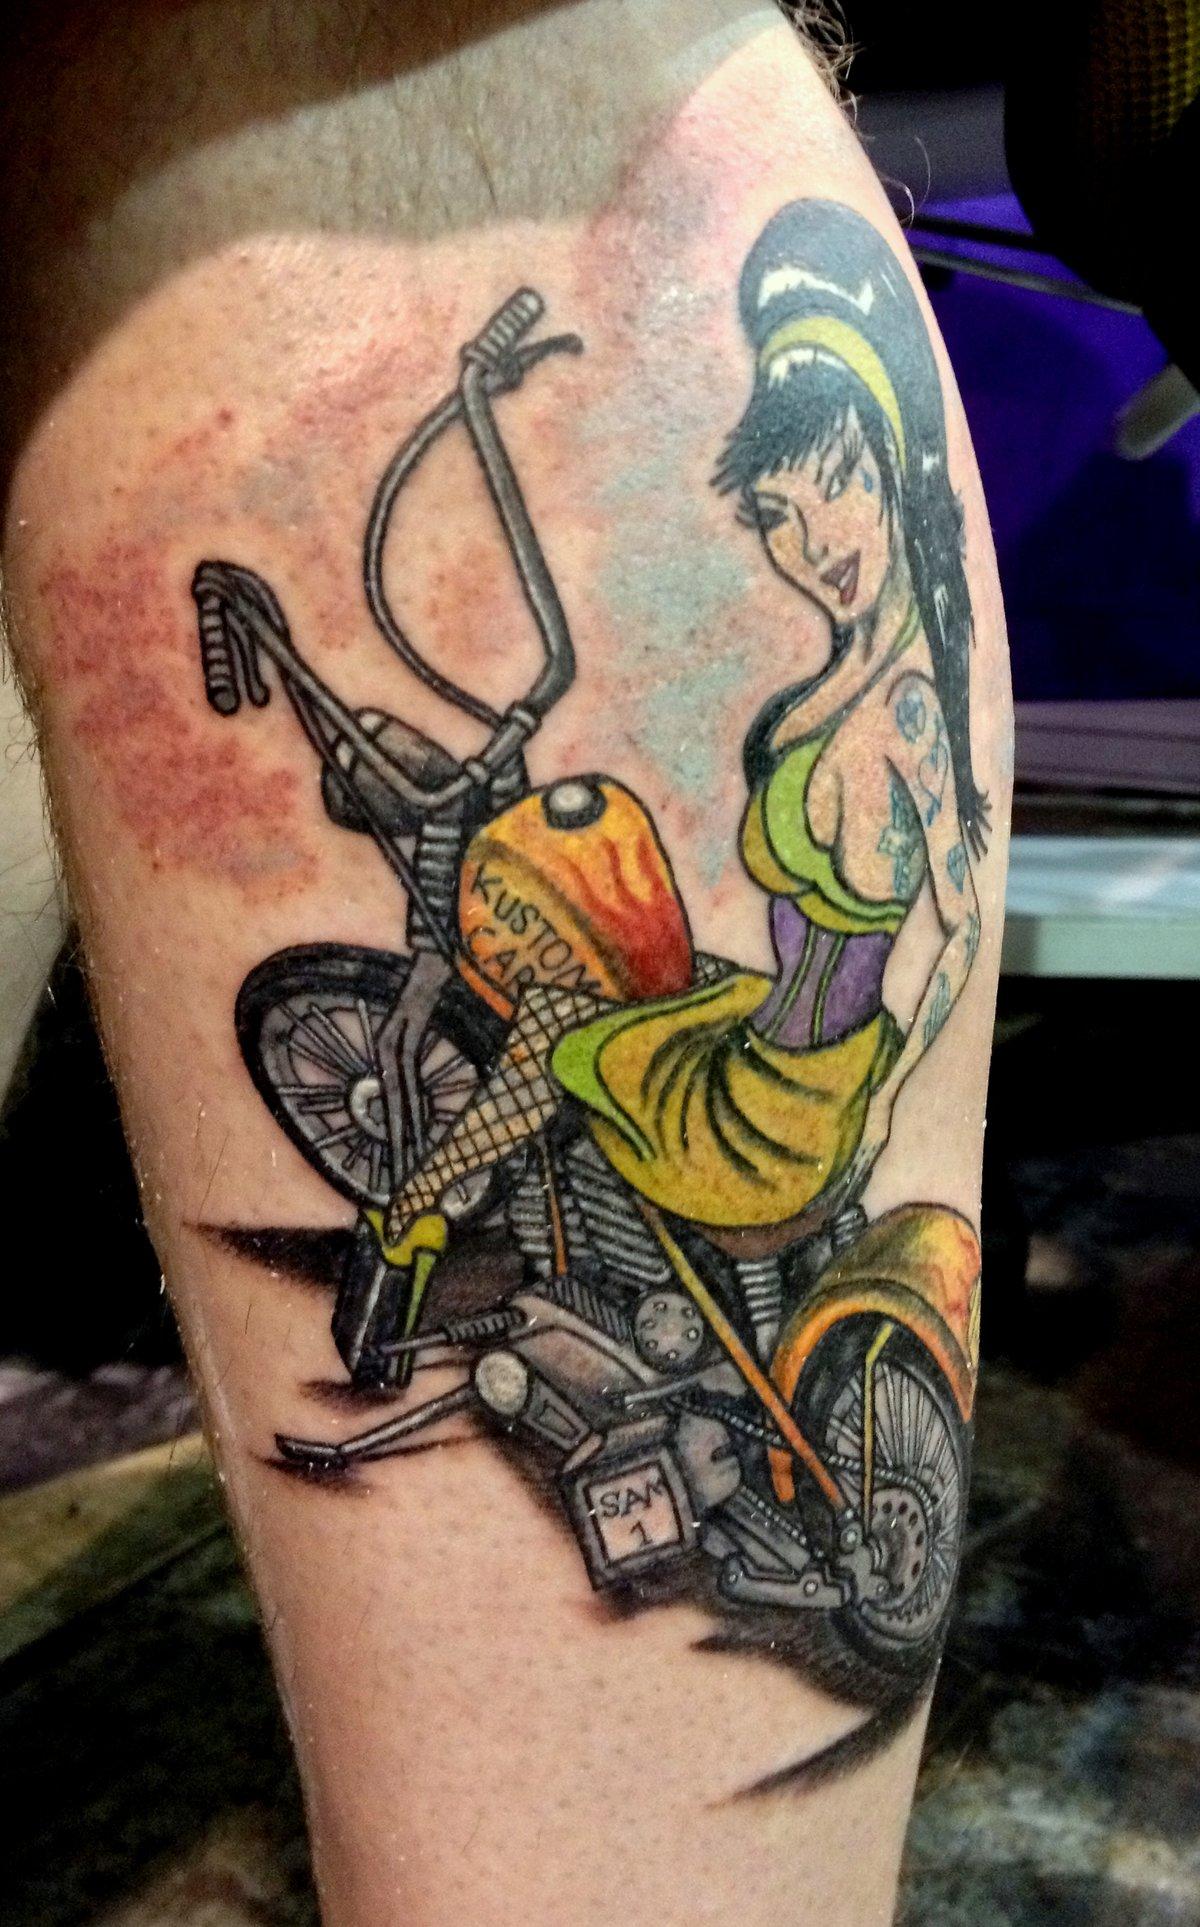 Tattoos ww2 pin up girl